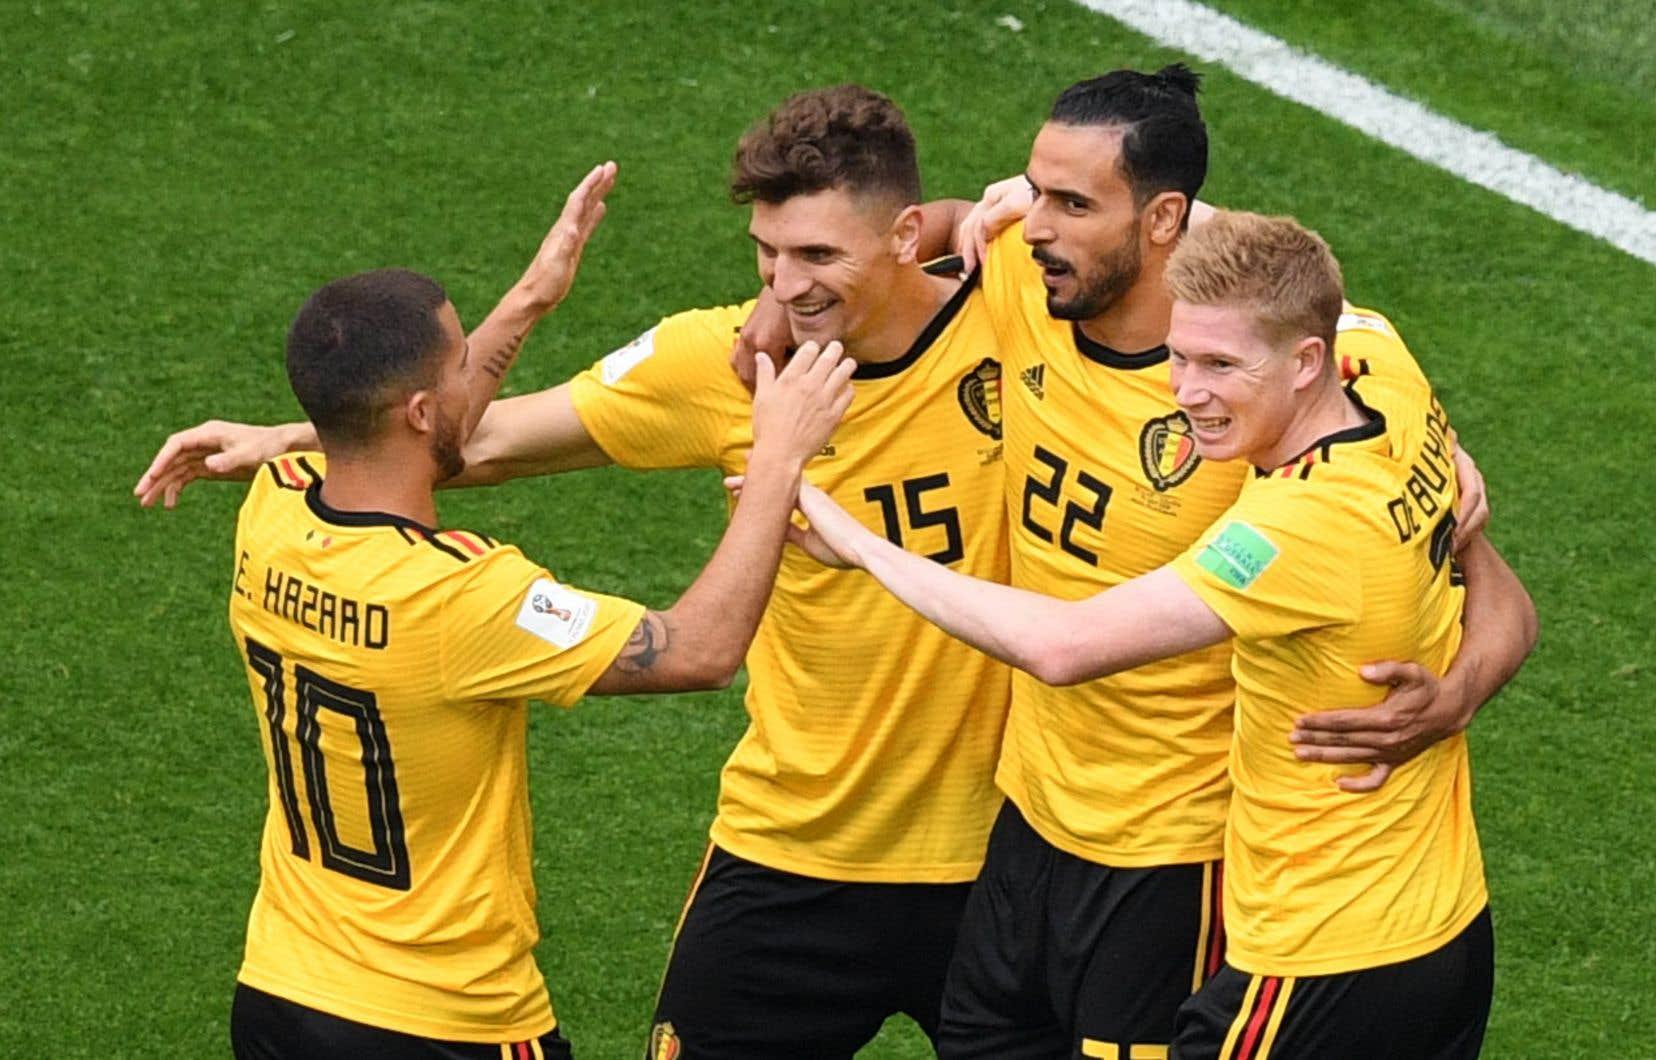 Le défenseur Thomas Meunier a marqué le premier but après seulement 3 minutes et 36 secondes.